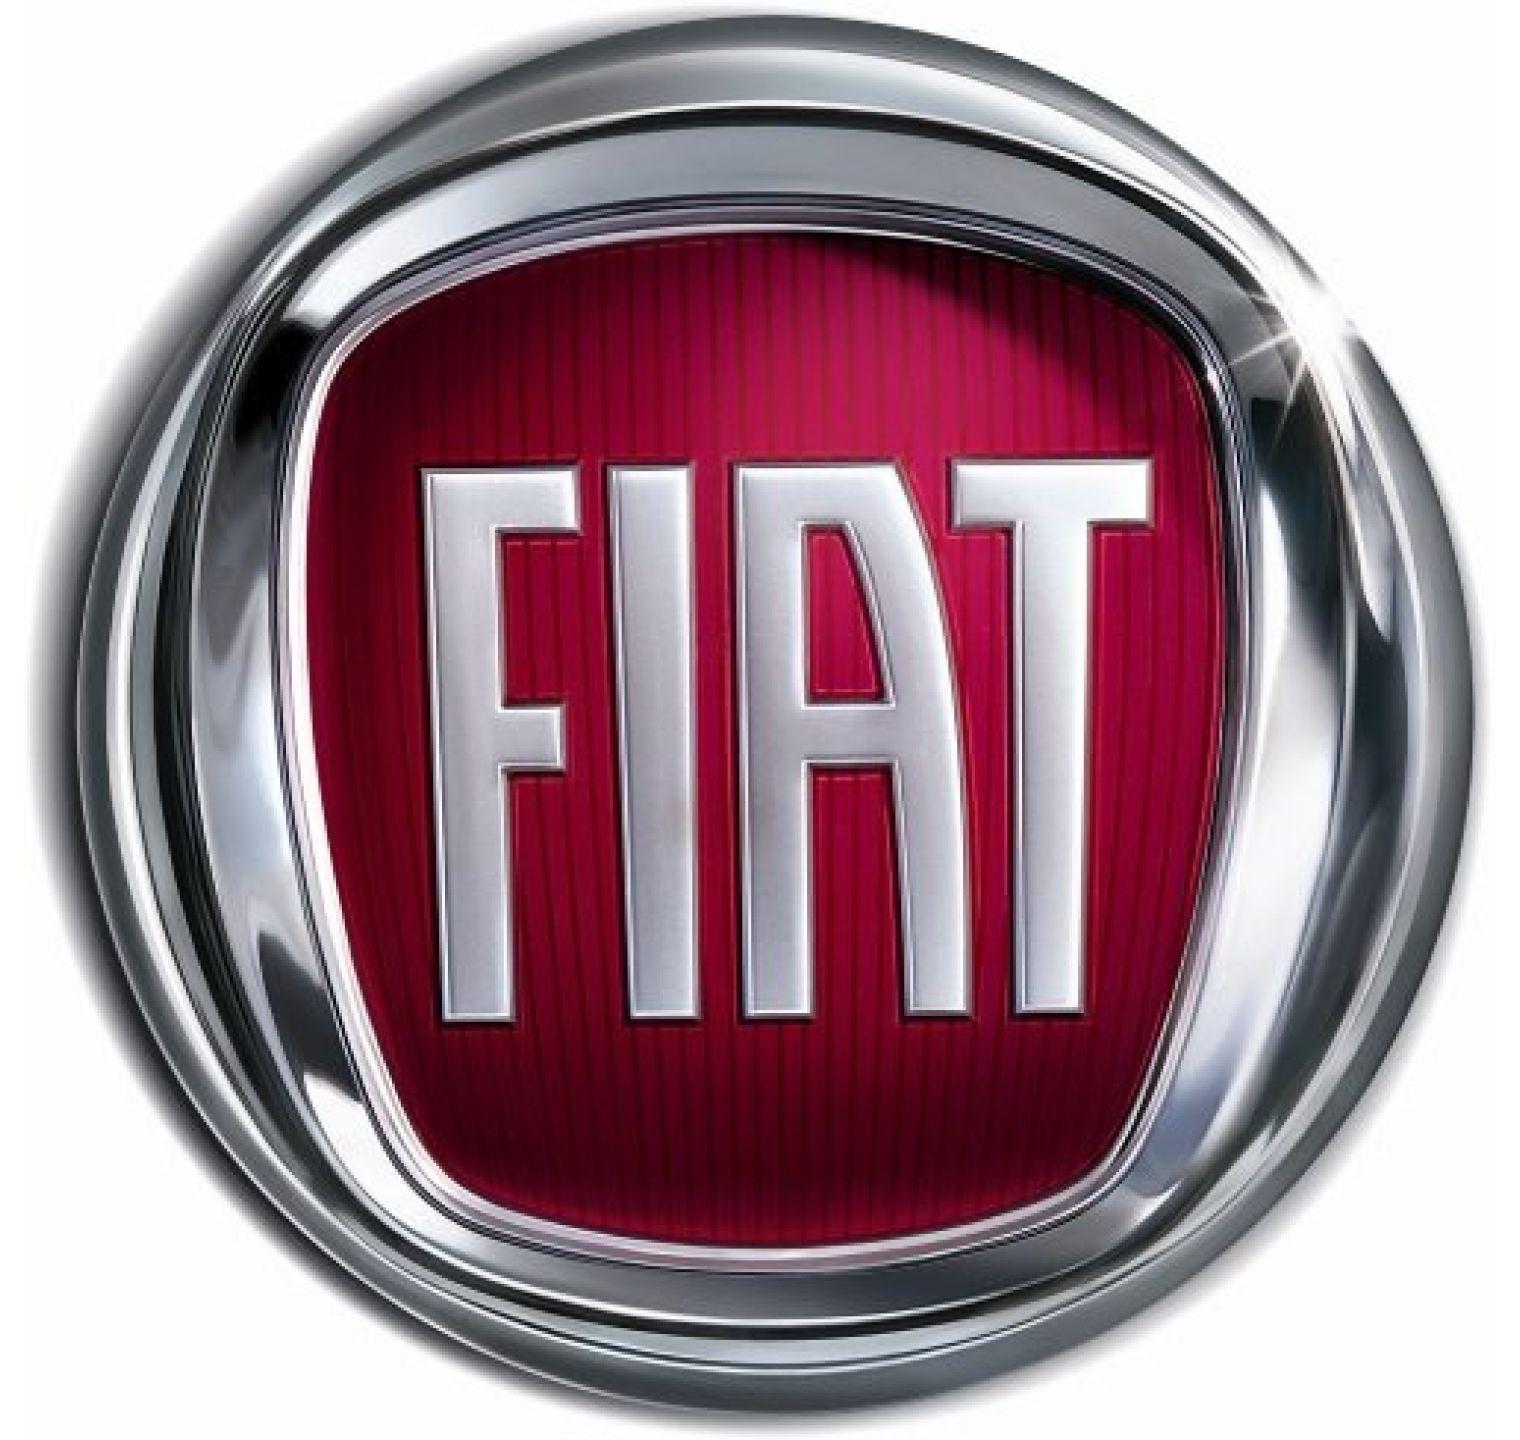 Fiat Talento Bestelwagen (vanaf 2016) - achterruitenwisser Valeo Silencio flatblade